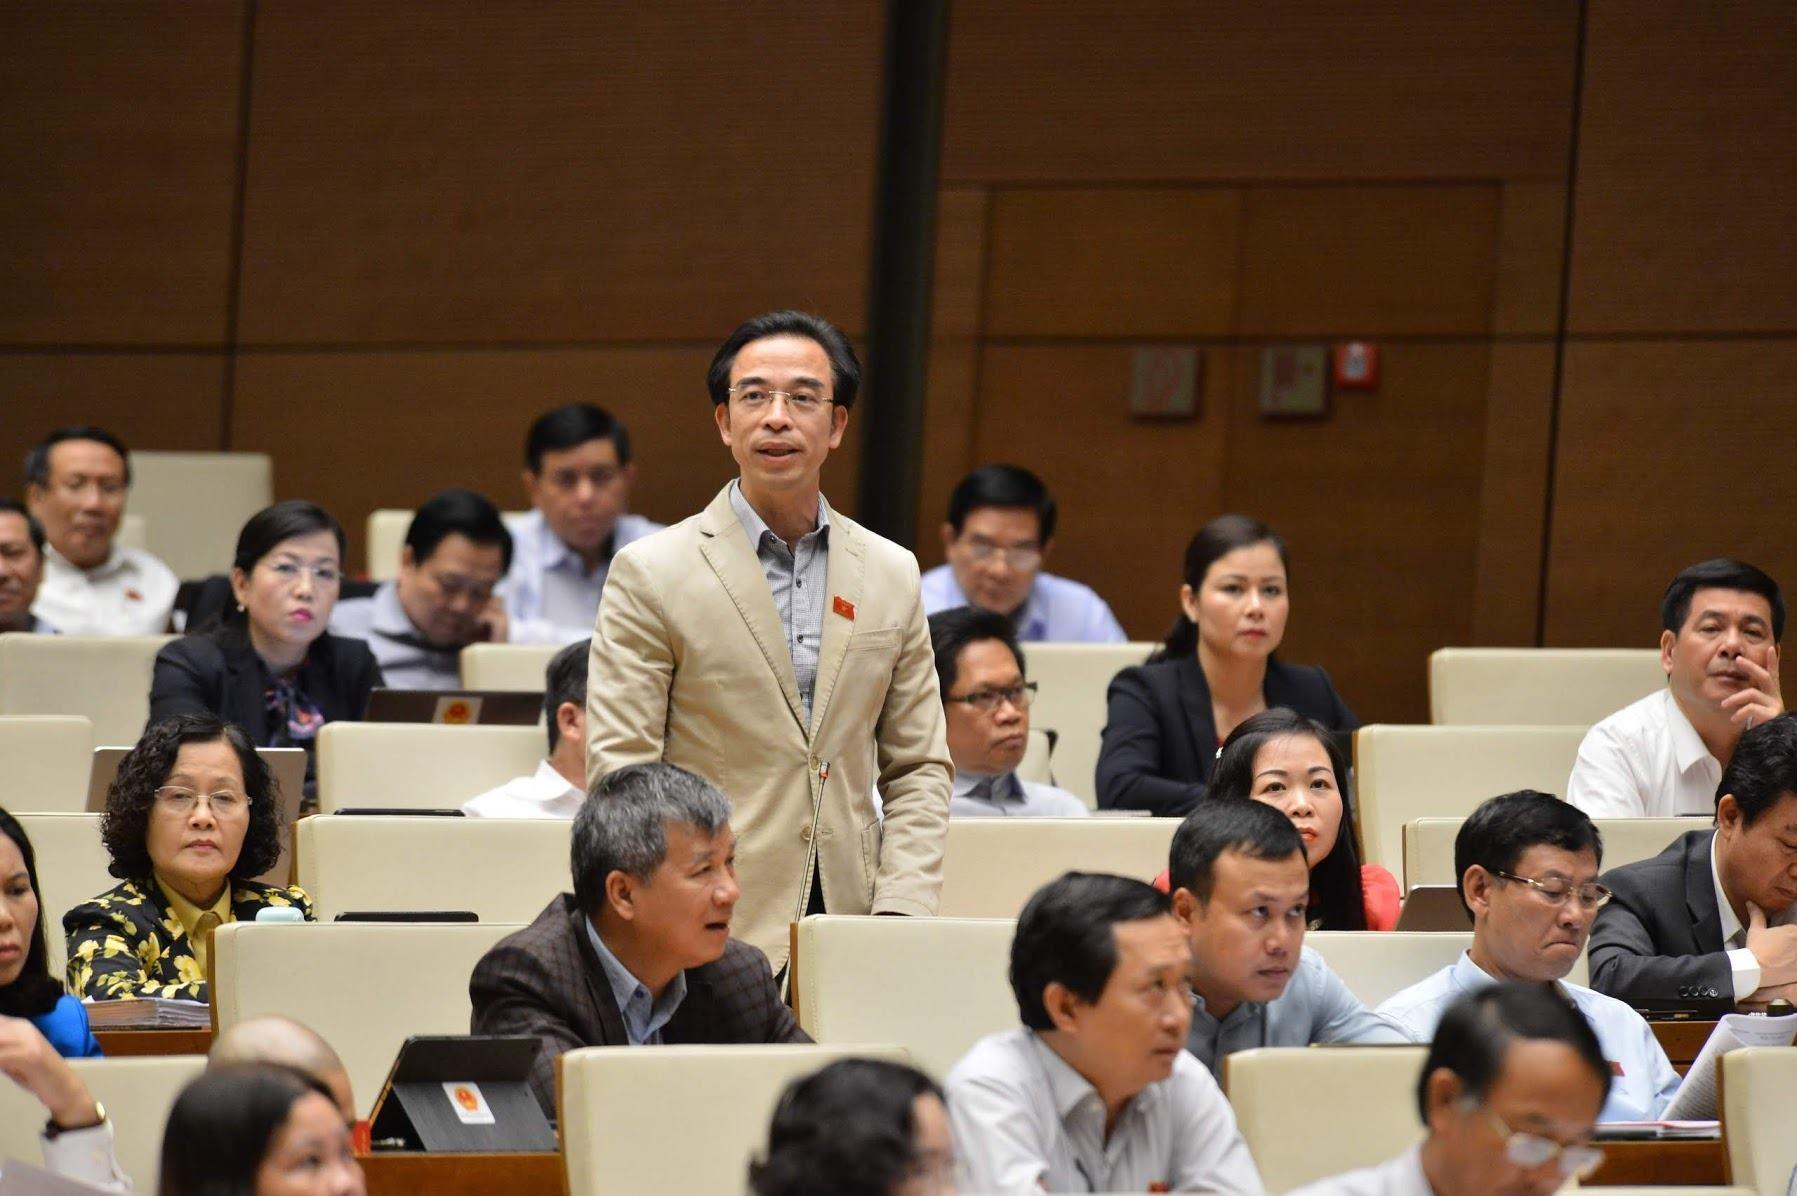 Ông Dương Trung Quốc nói về nhân tài, Giám đốc bệnh viện Tim 'sốc'